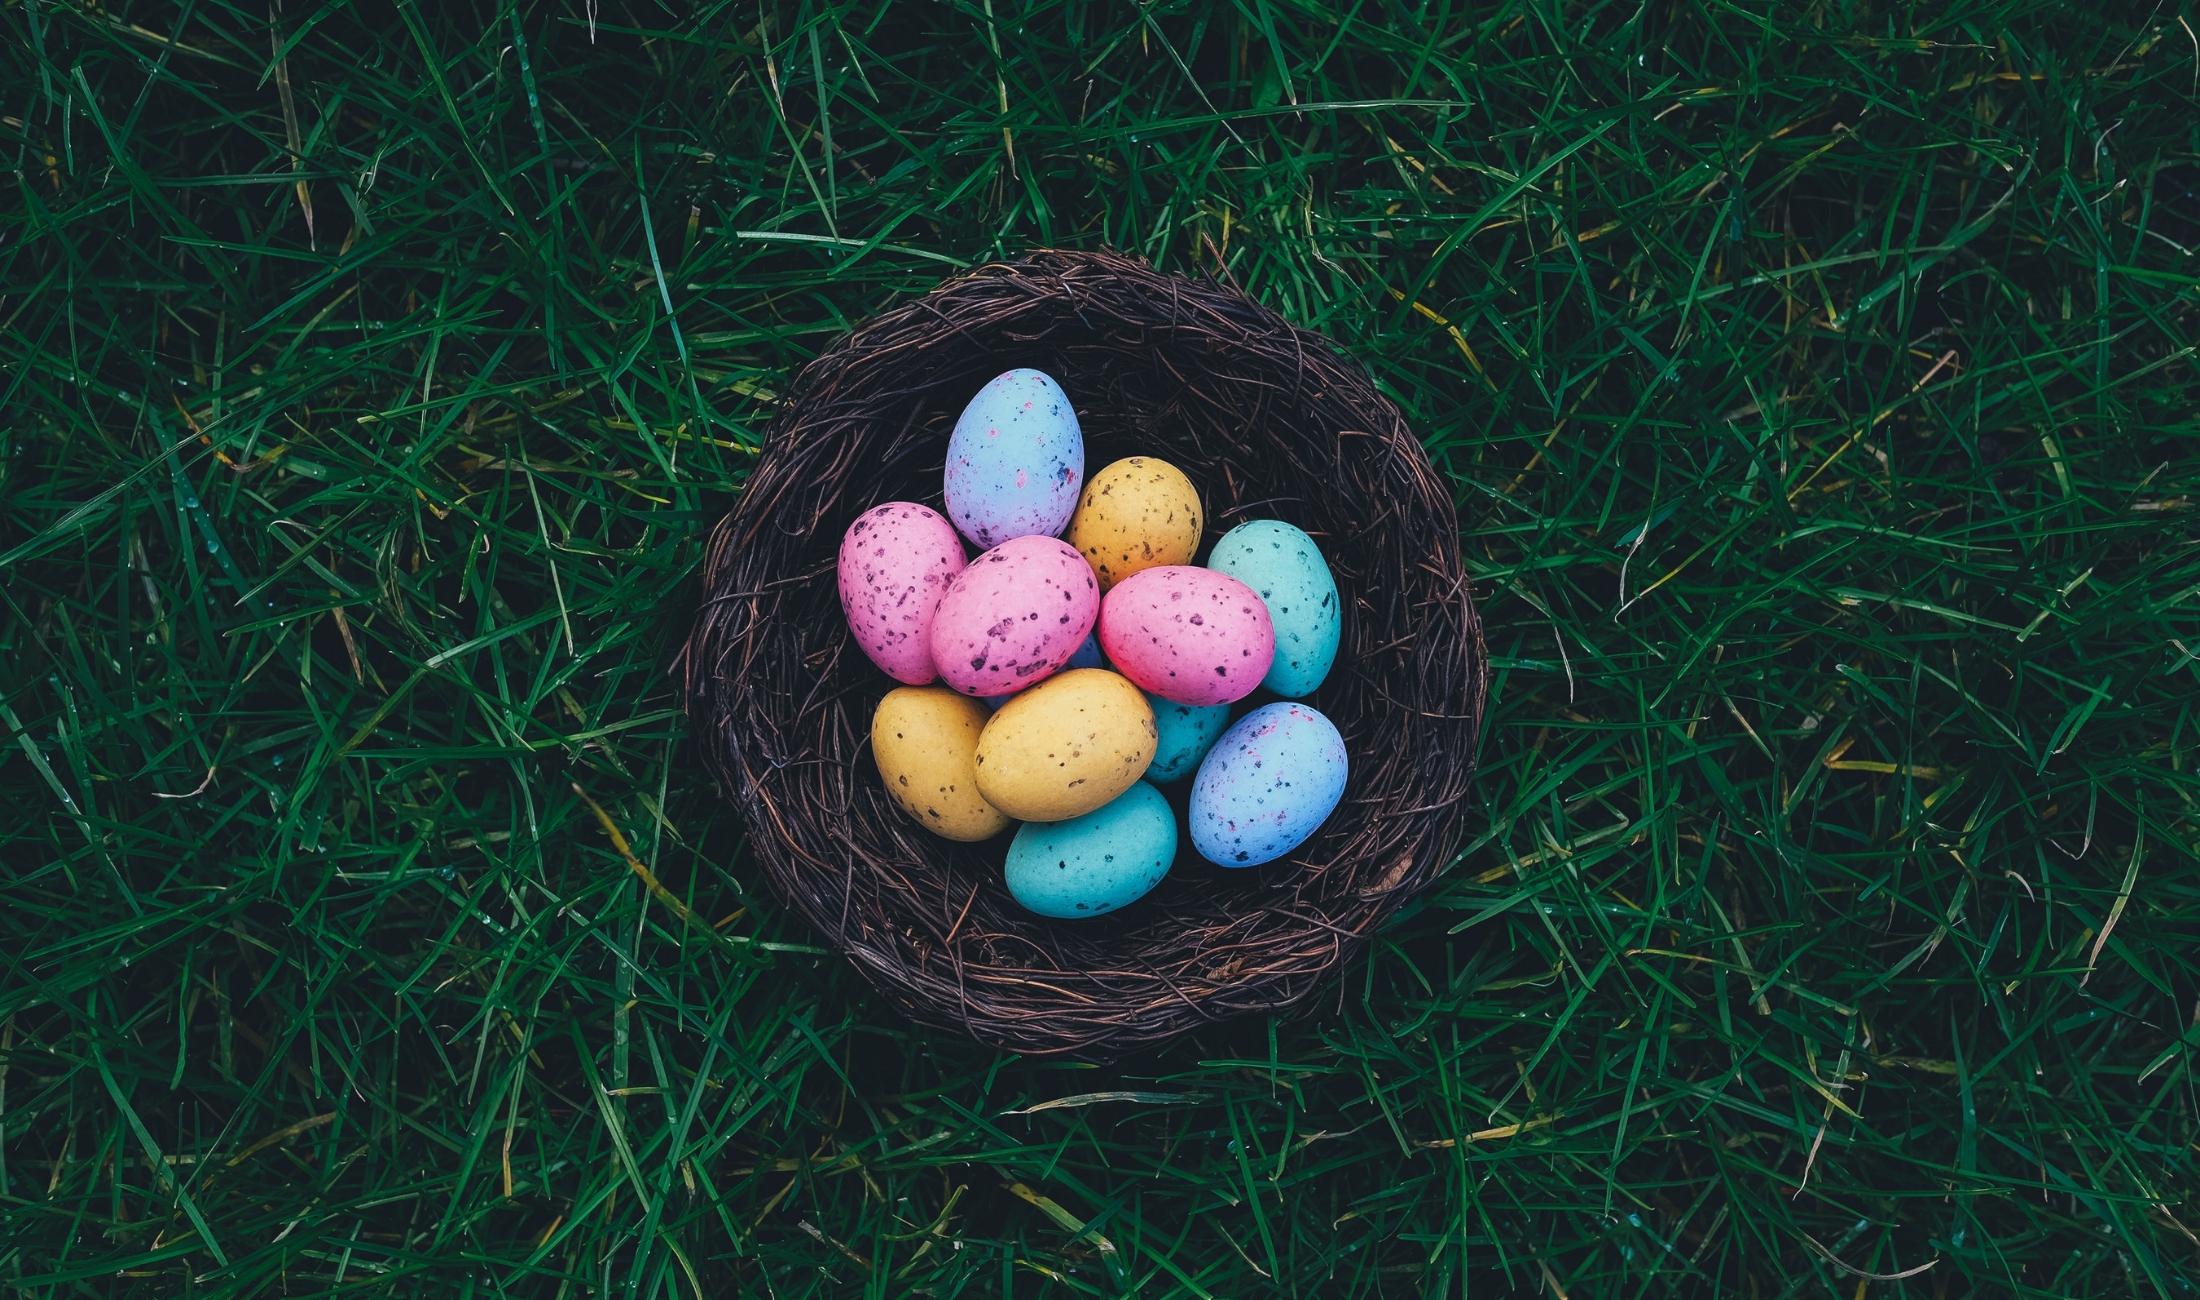 Jak ozdobit velikonoční vajíčka? Přírodně!